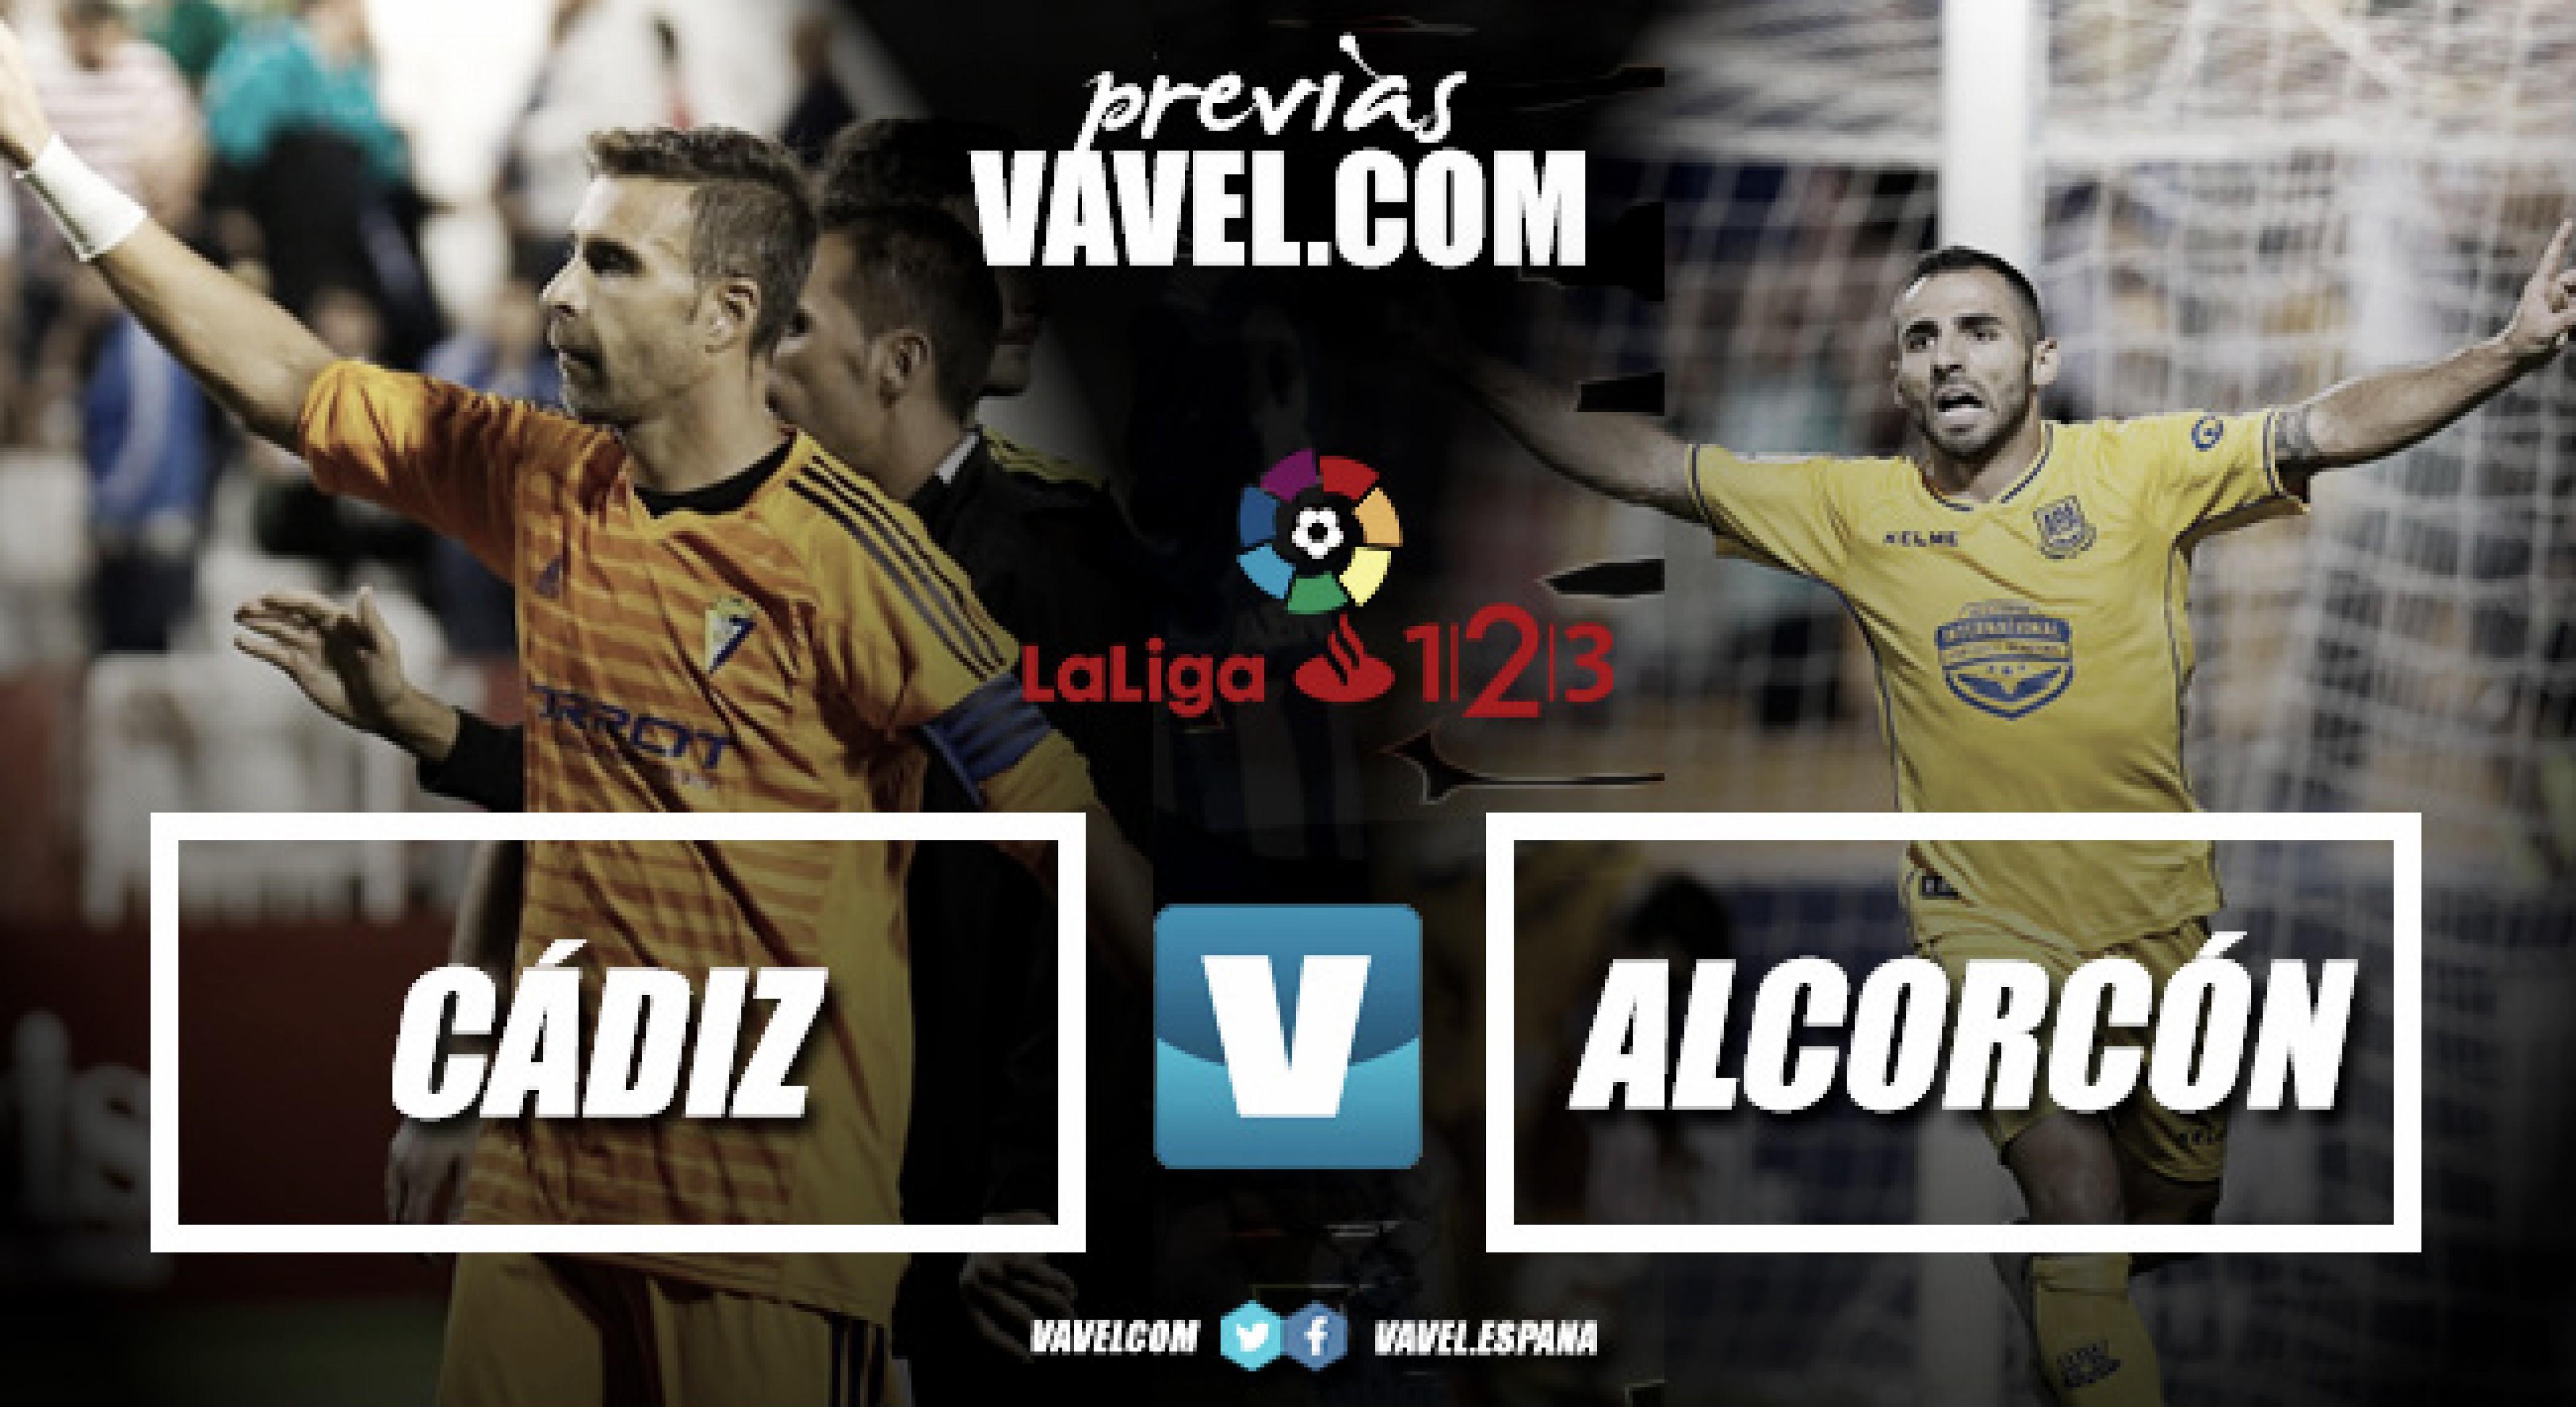 Previa Cádiz - Alcorcón: duelo amarillo en el Carranza